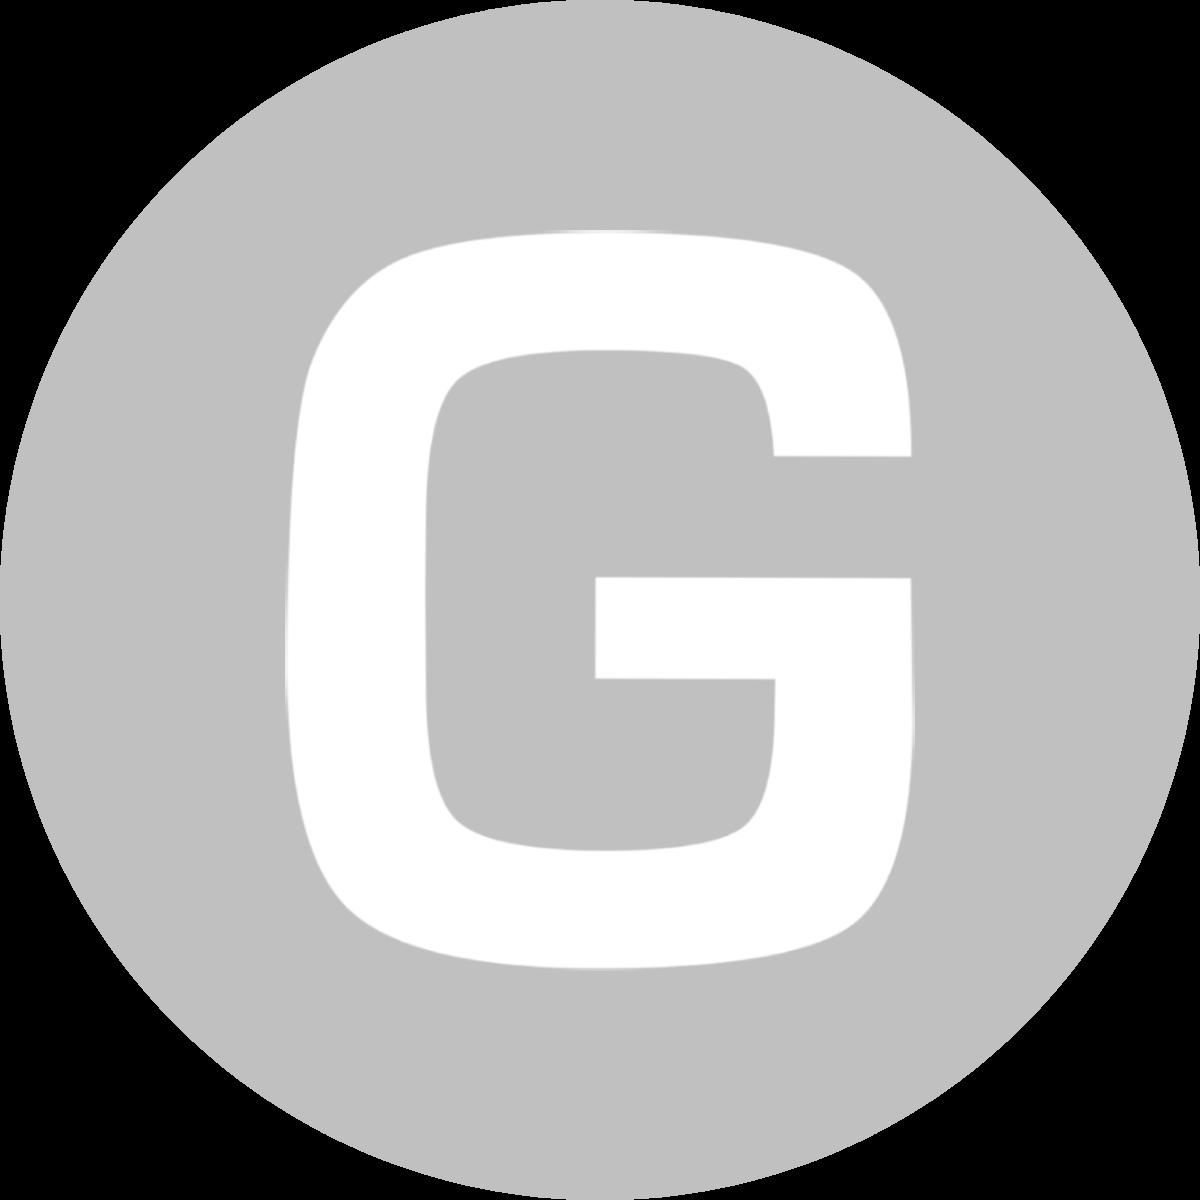 Adidas Sko Crossknit 3.0 MørkeblåGrå Herre